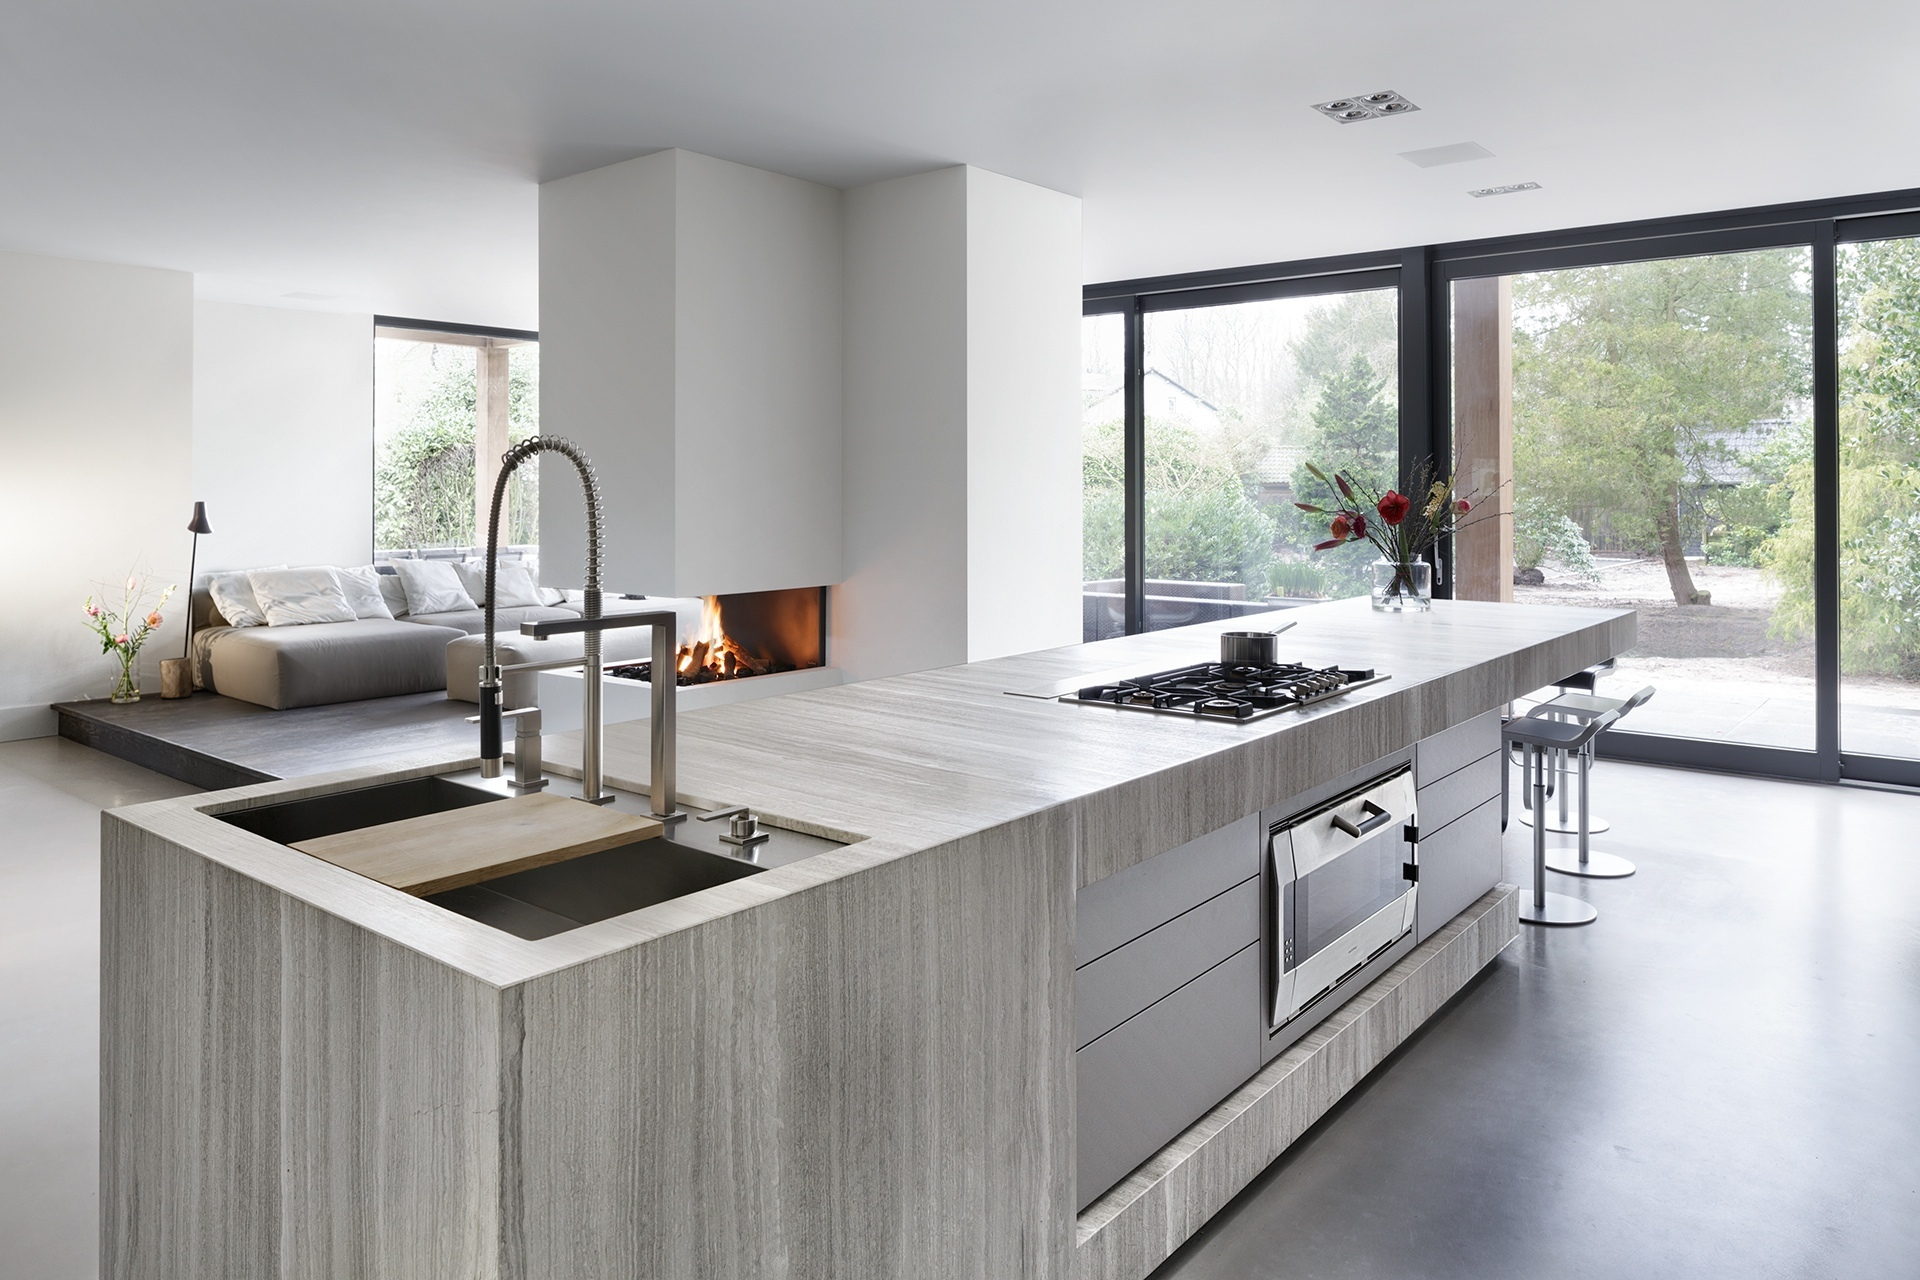 Designkeukens op topniveau bij nieuw interieurplatform de elementen nieuws startpagina voor - Bar design keuken ...